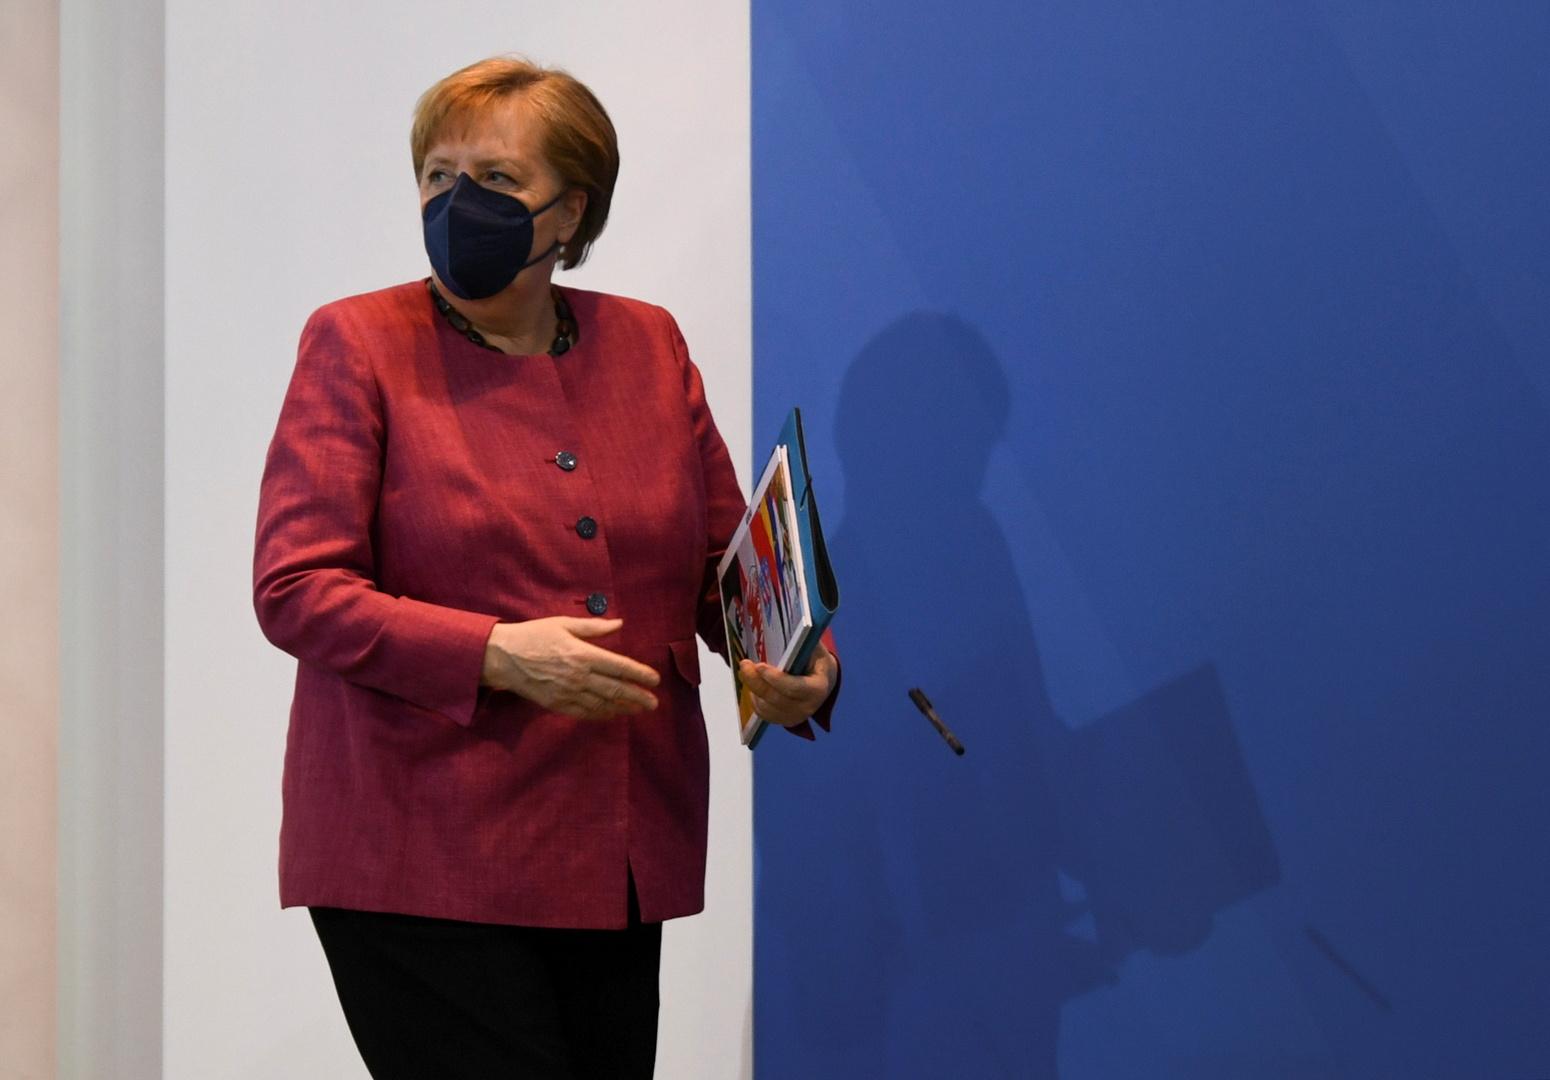 مصادر: ميركل ستتوجه إلى قمة G7 على الرغم من حالات كوفيد في فندق حراسها